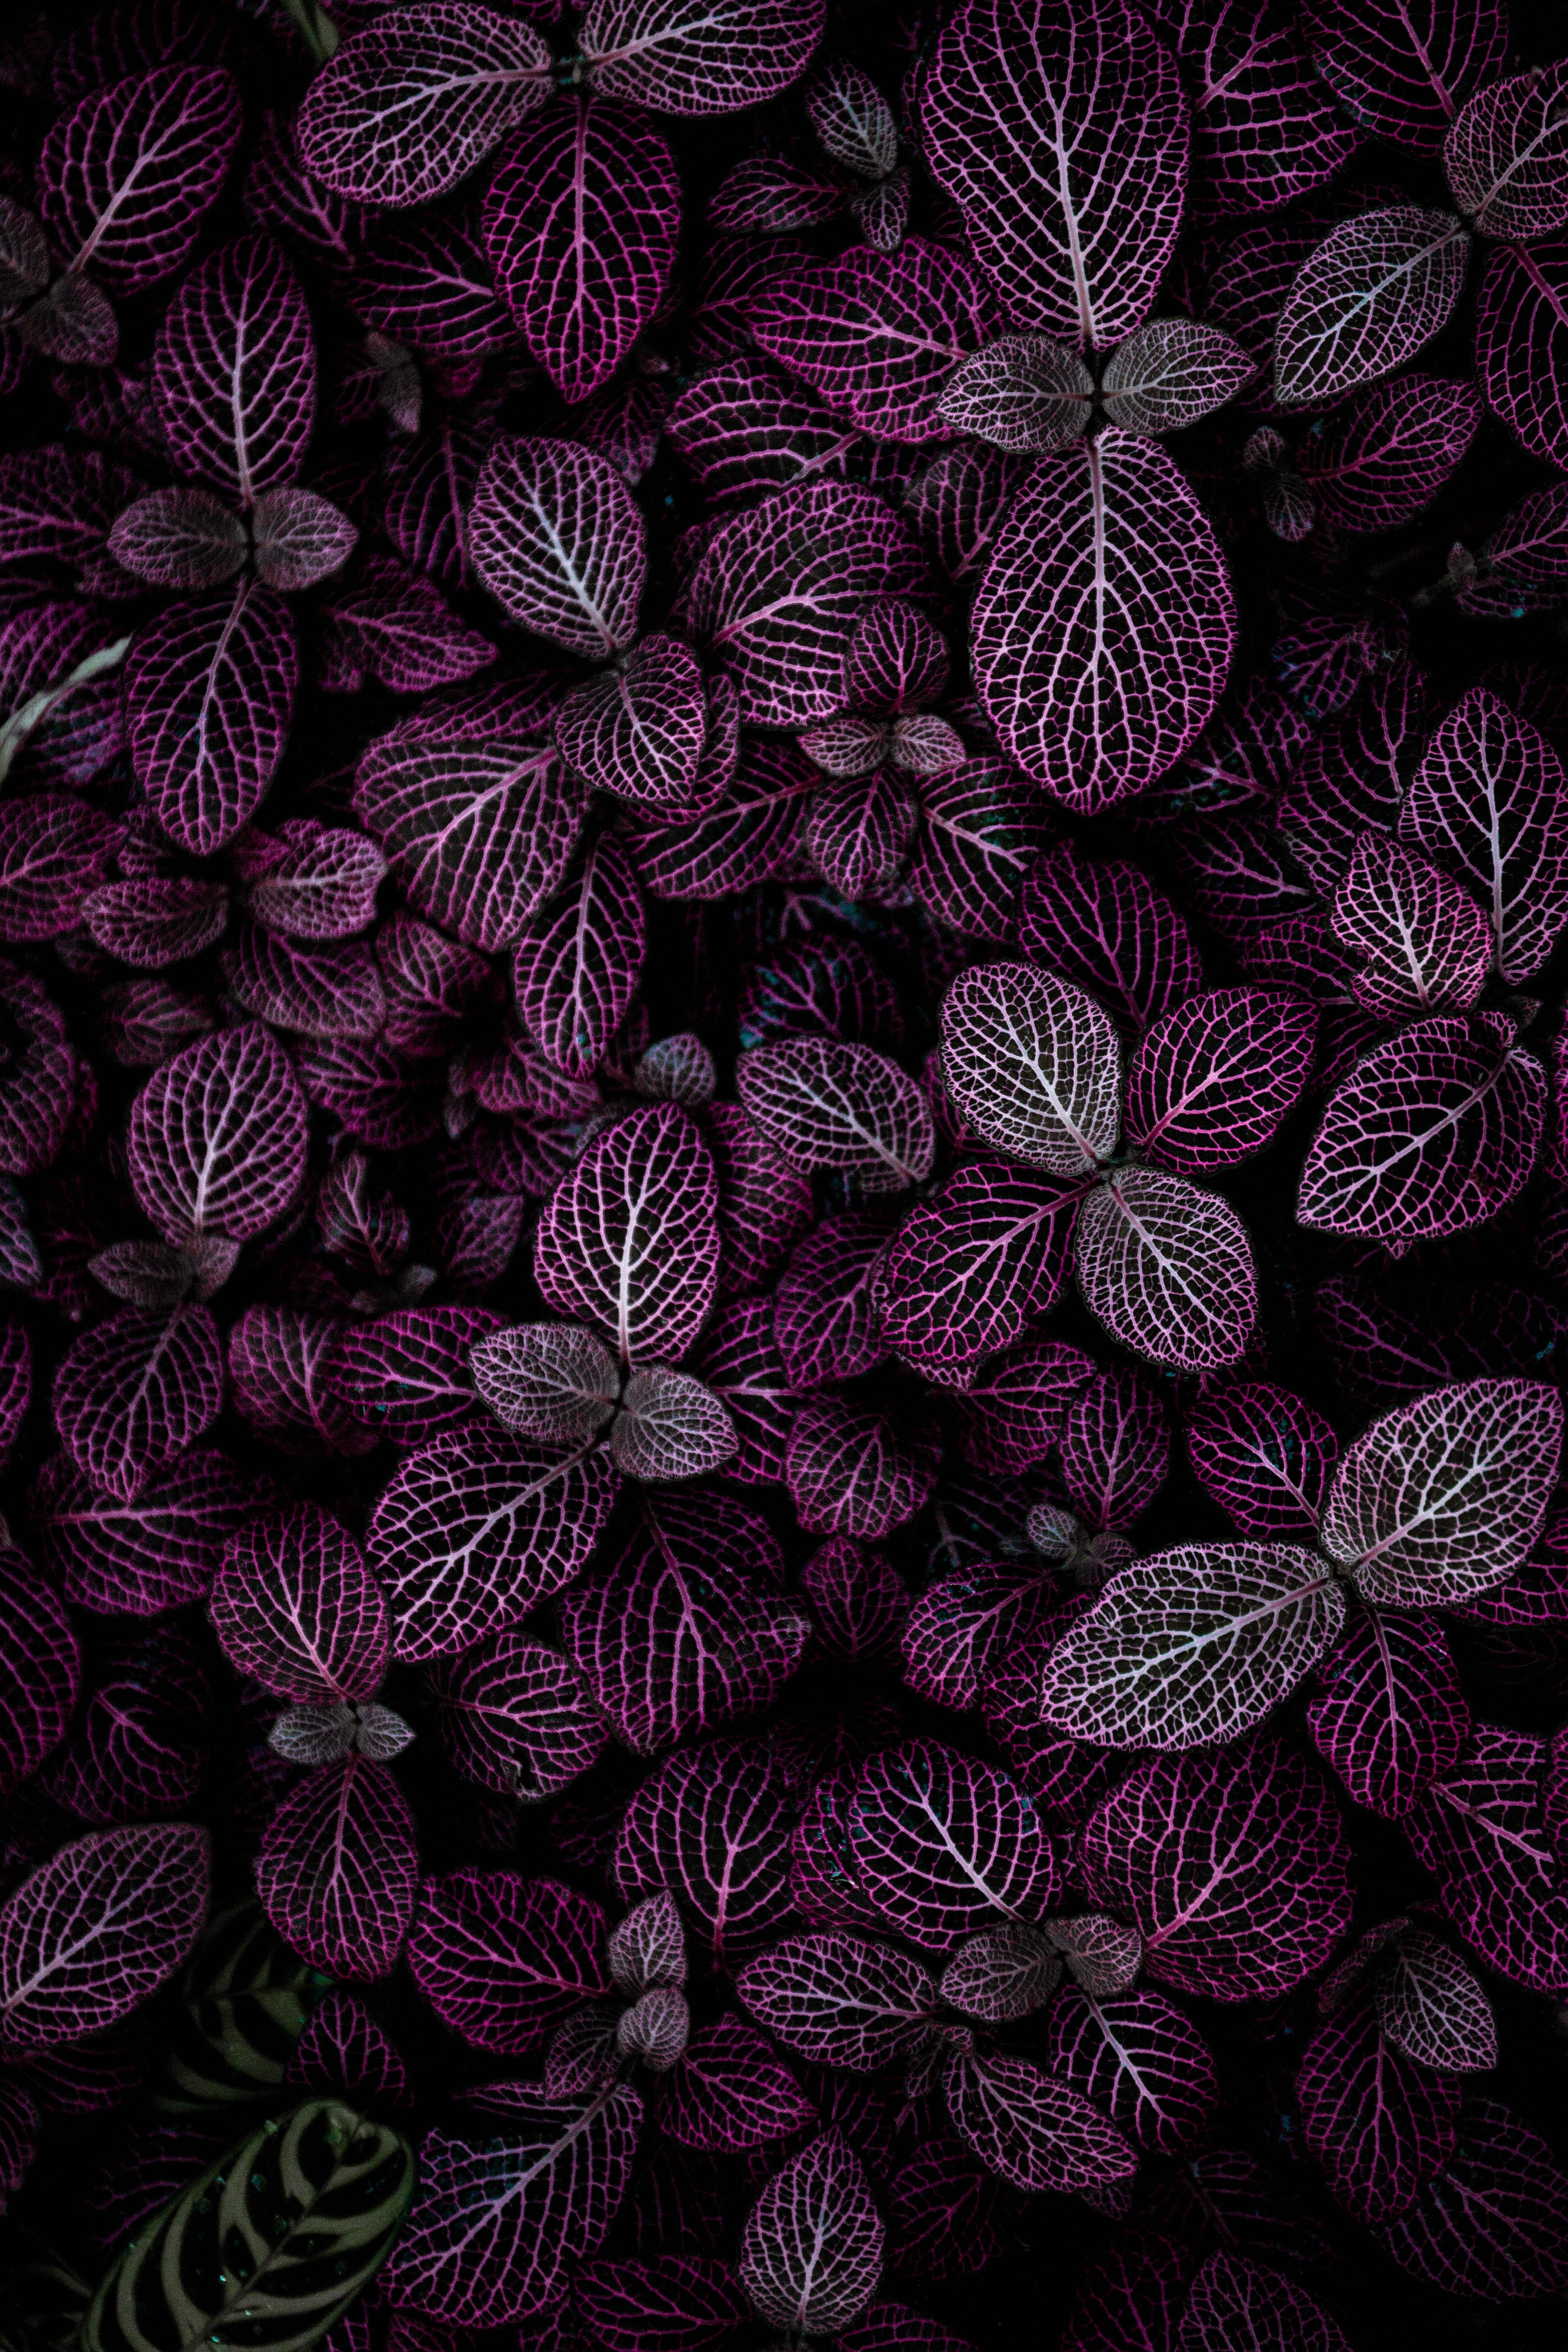 purple leafed plant field